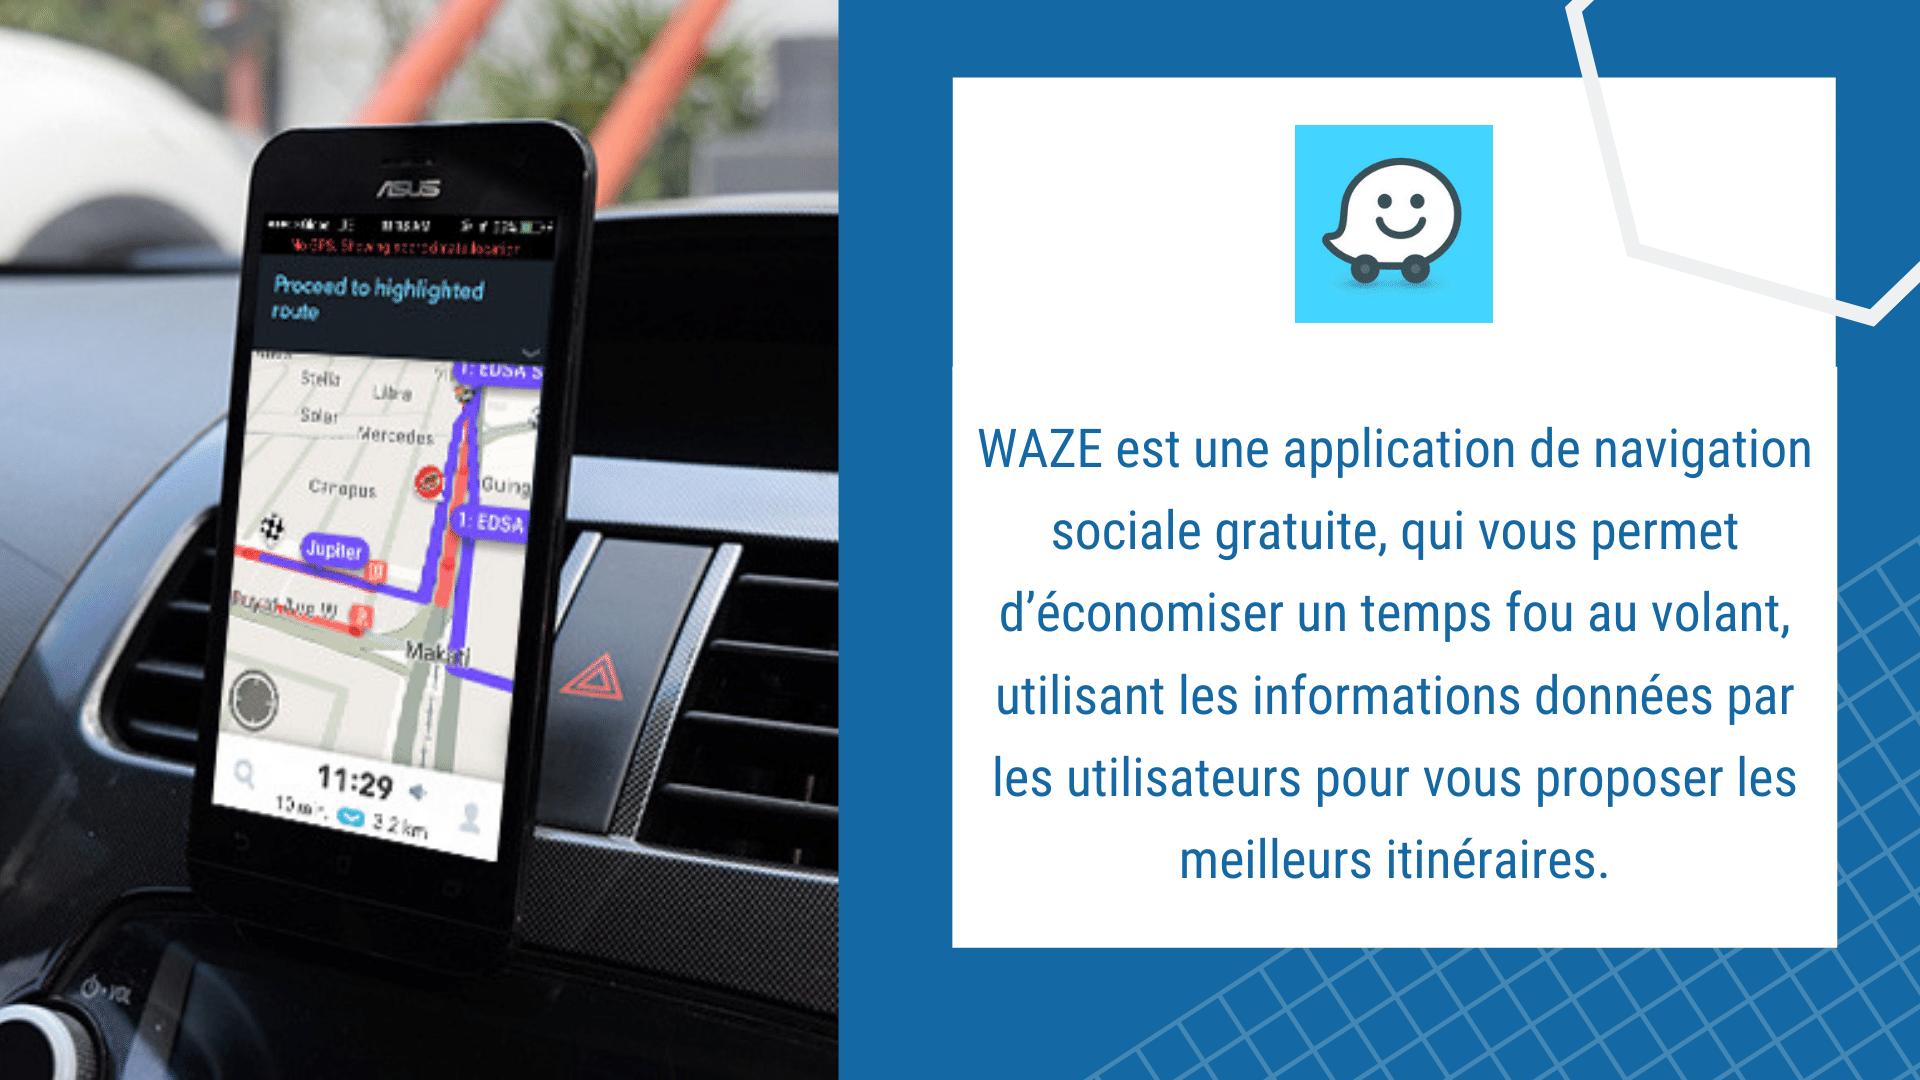 17 Applications de Construction Gratuites - Outils sur votre smartphone | Waze via ArchiSnapper